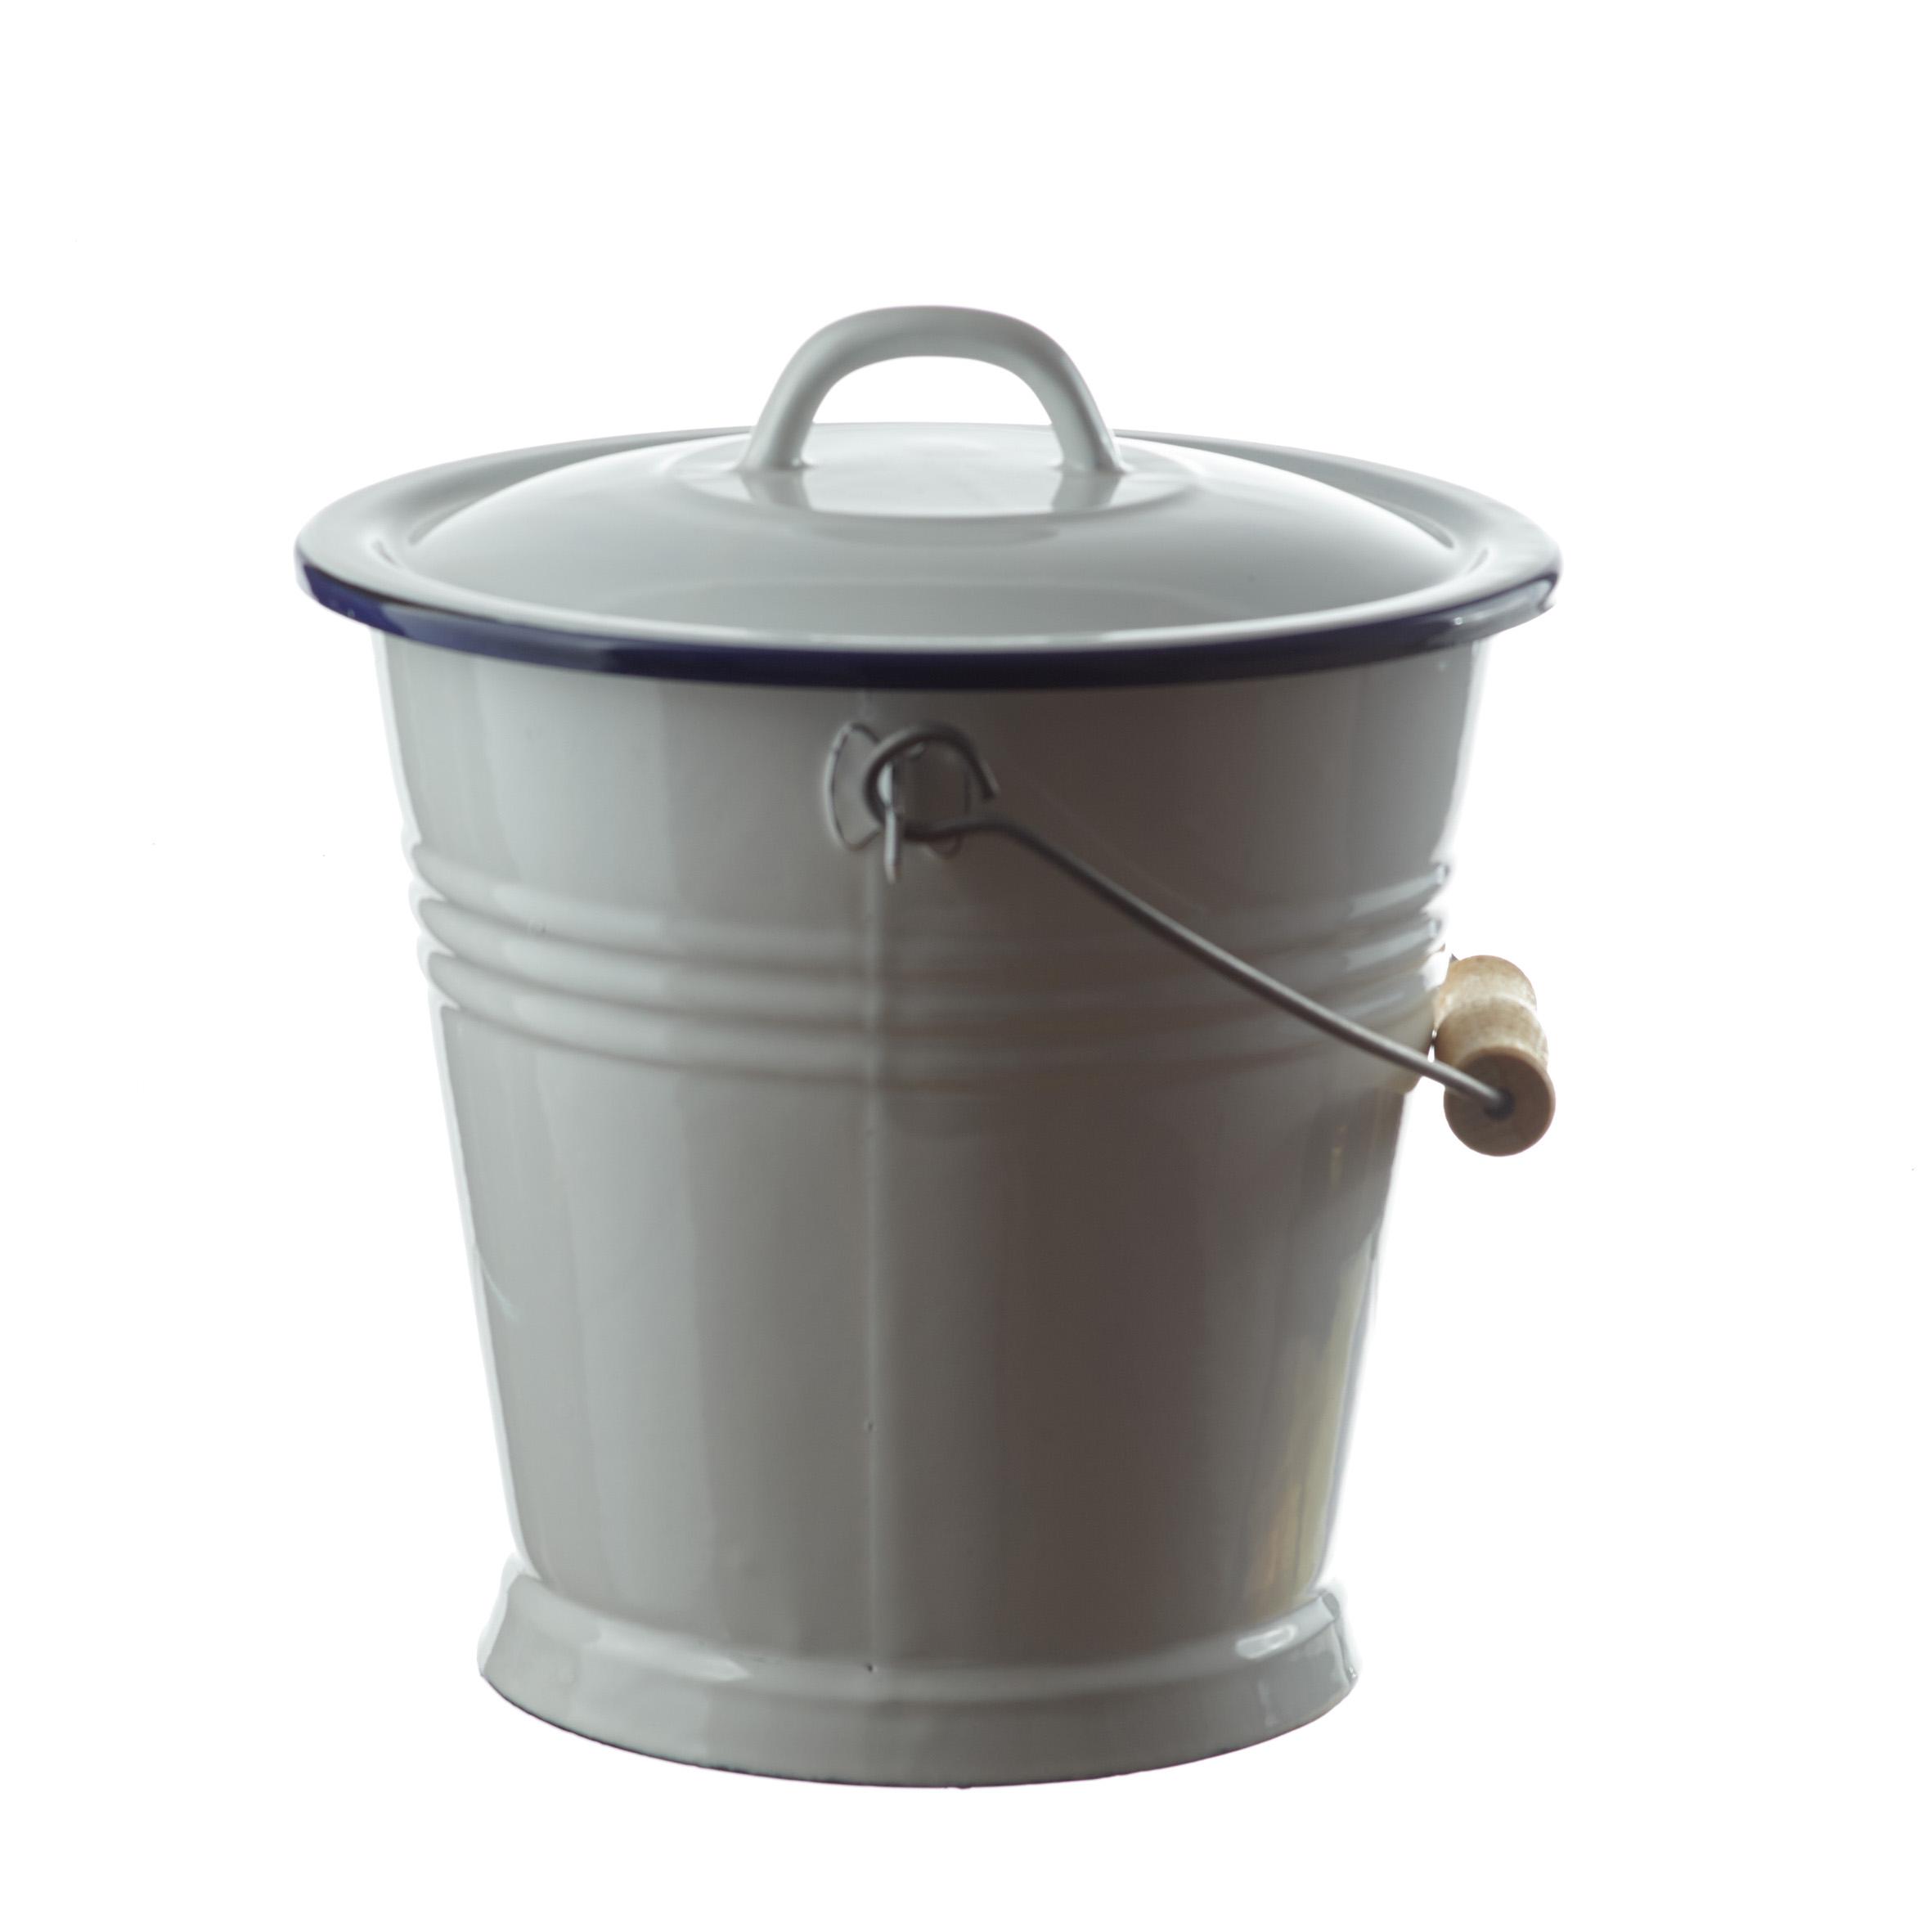 Eimer mit deckel kunststoffeimer 21 0 liter rund schwarz for Eimer mit deckel 10l